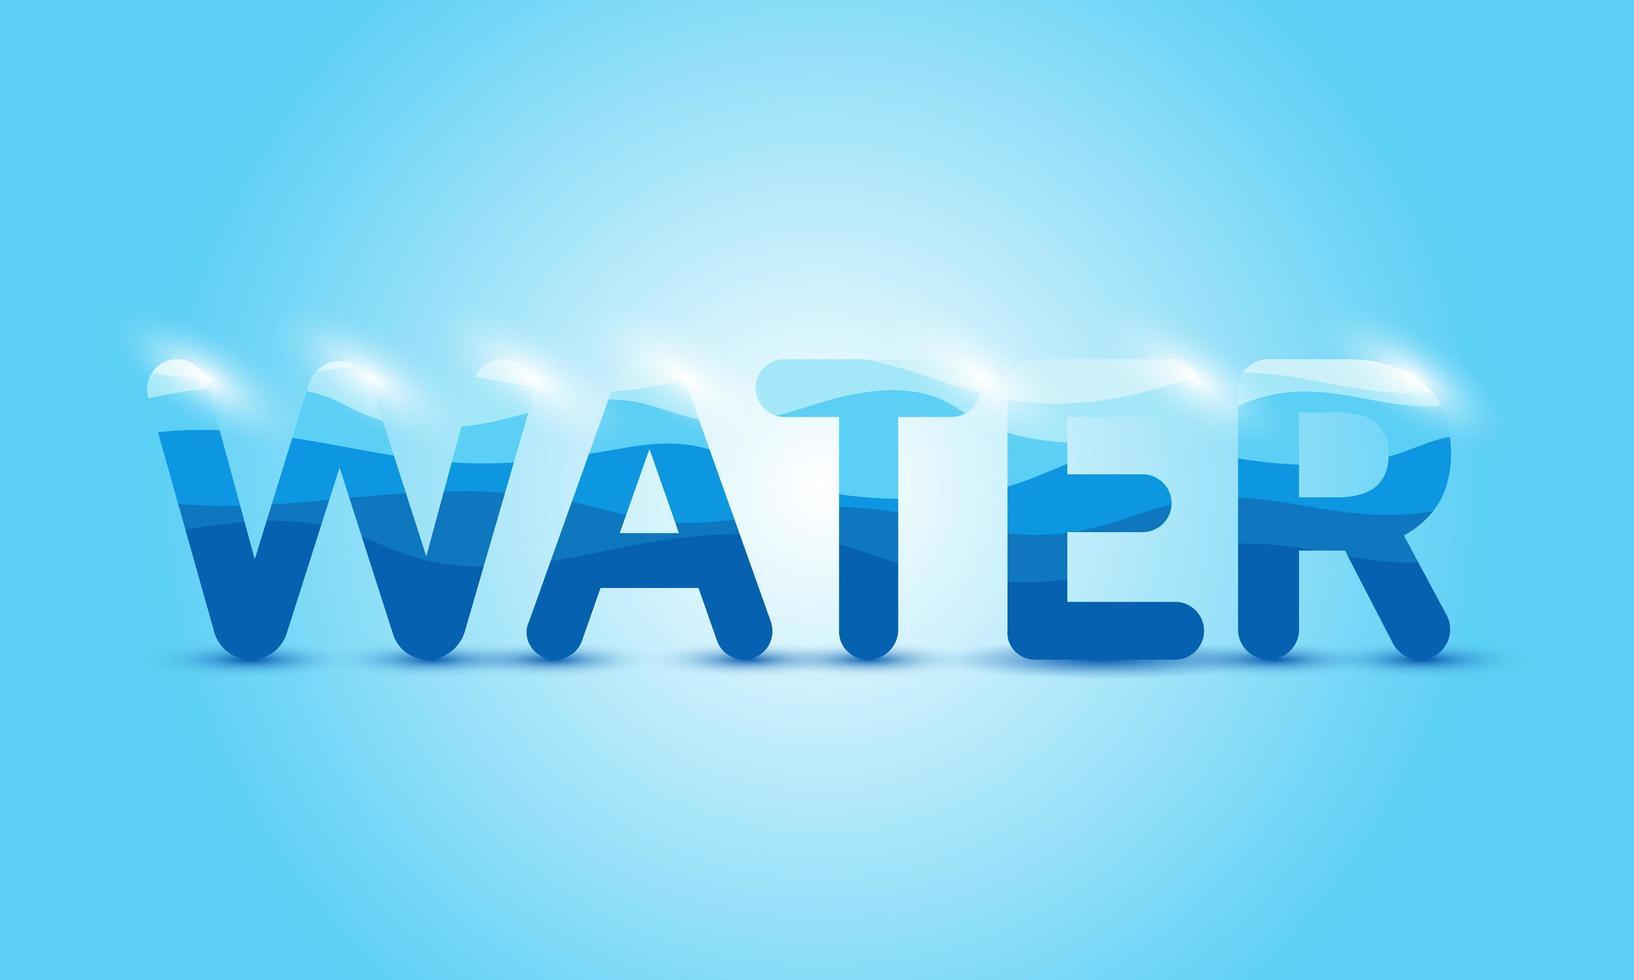 texto de agua brillante en azul vector